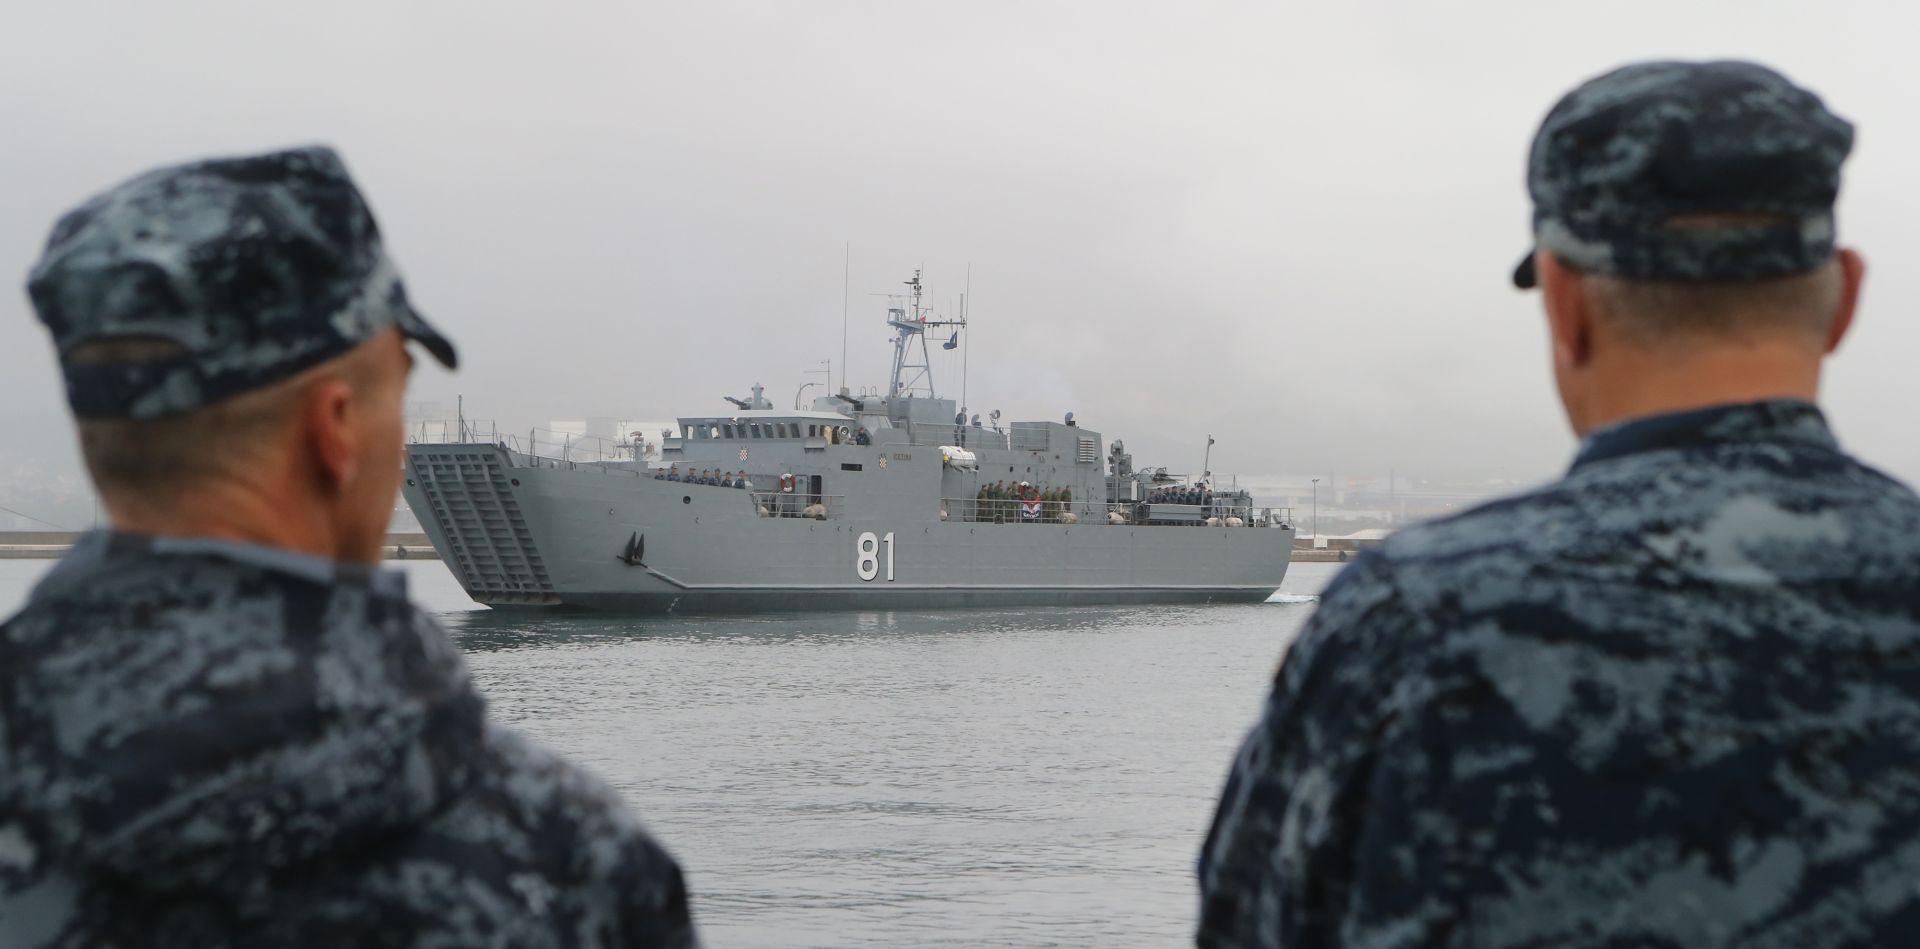 VIDEO: Vojska potopila ratni brod koji bi trebao postati 'umjetni' koraljni greben